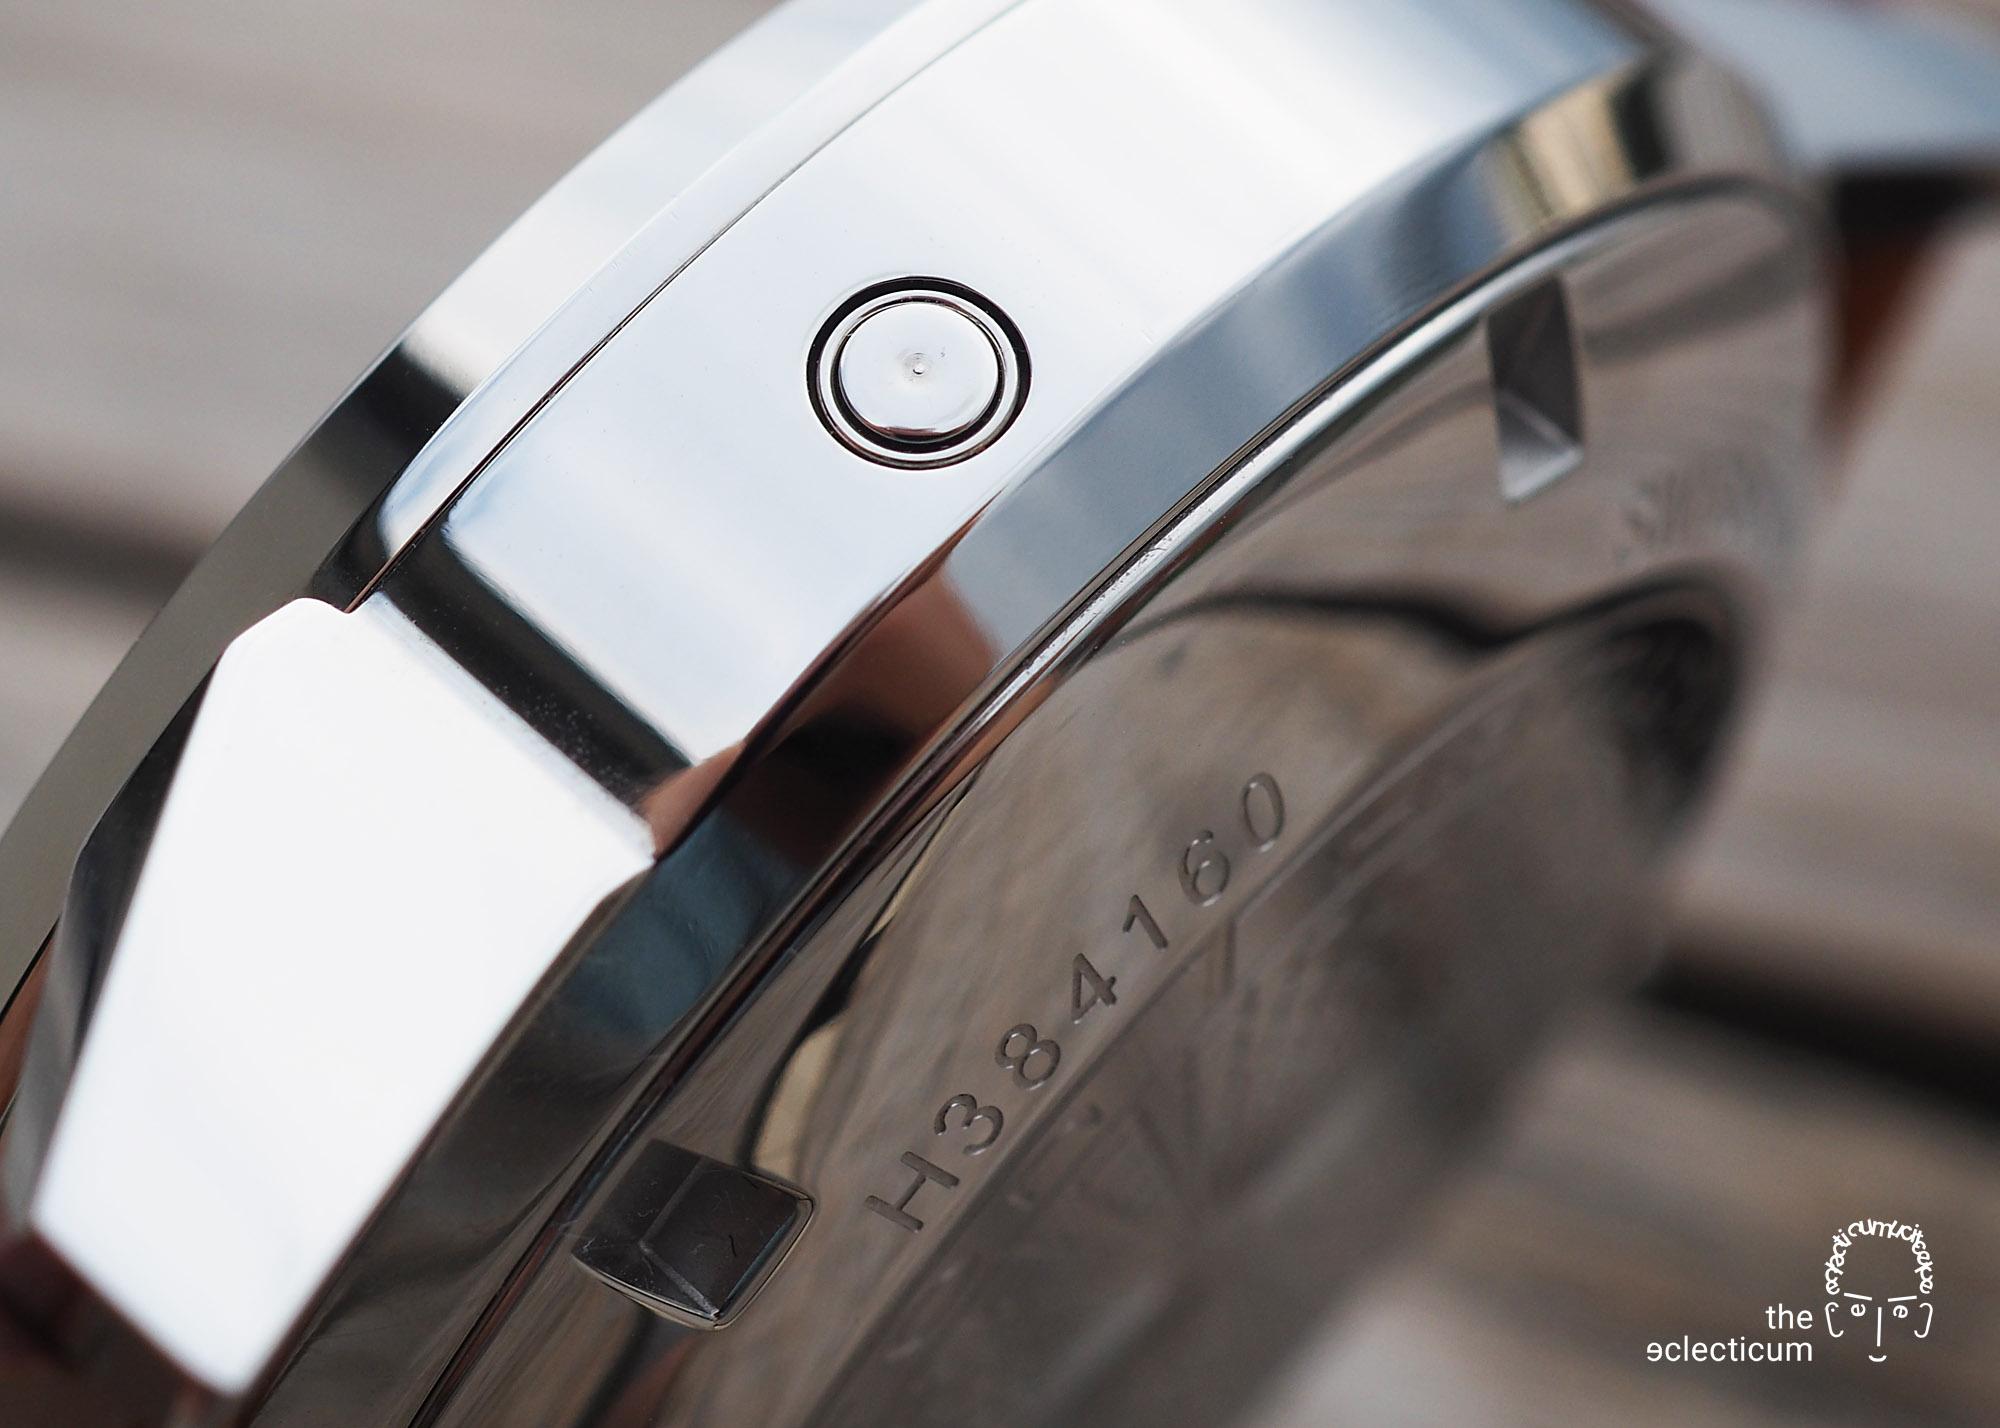 Hamilton Intra-Matic Auto Chrono Chronograph novelty 2019